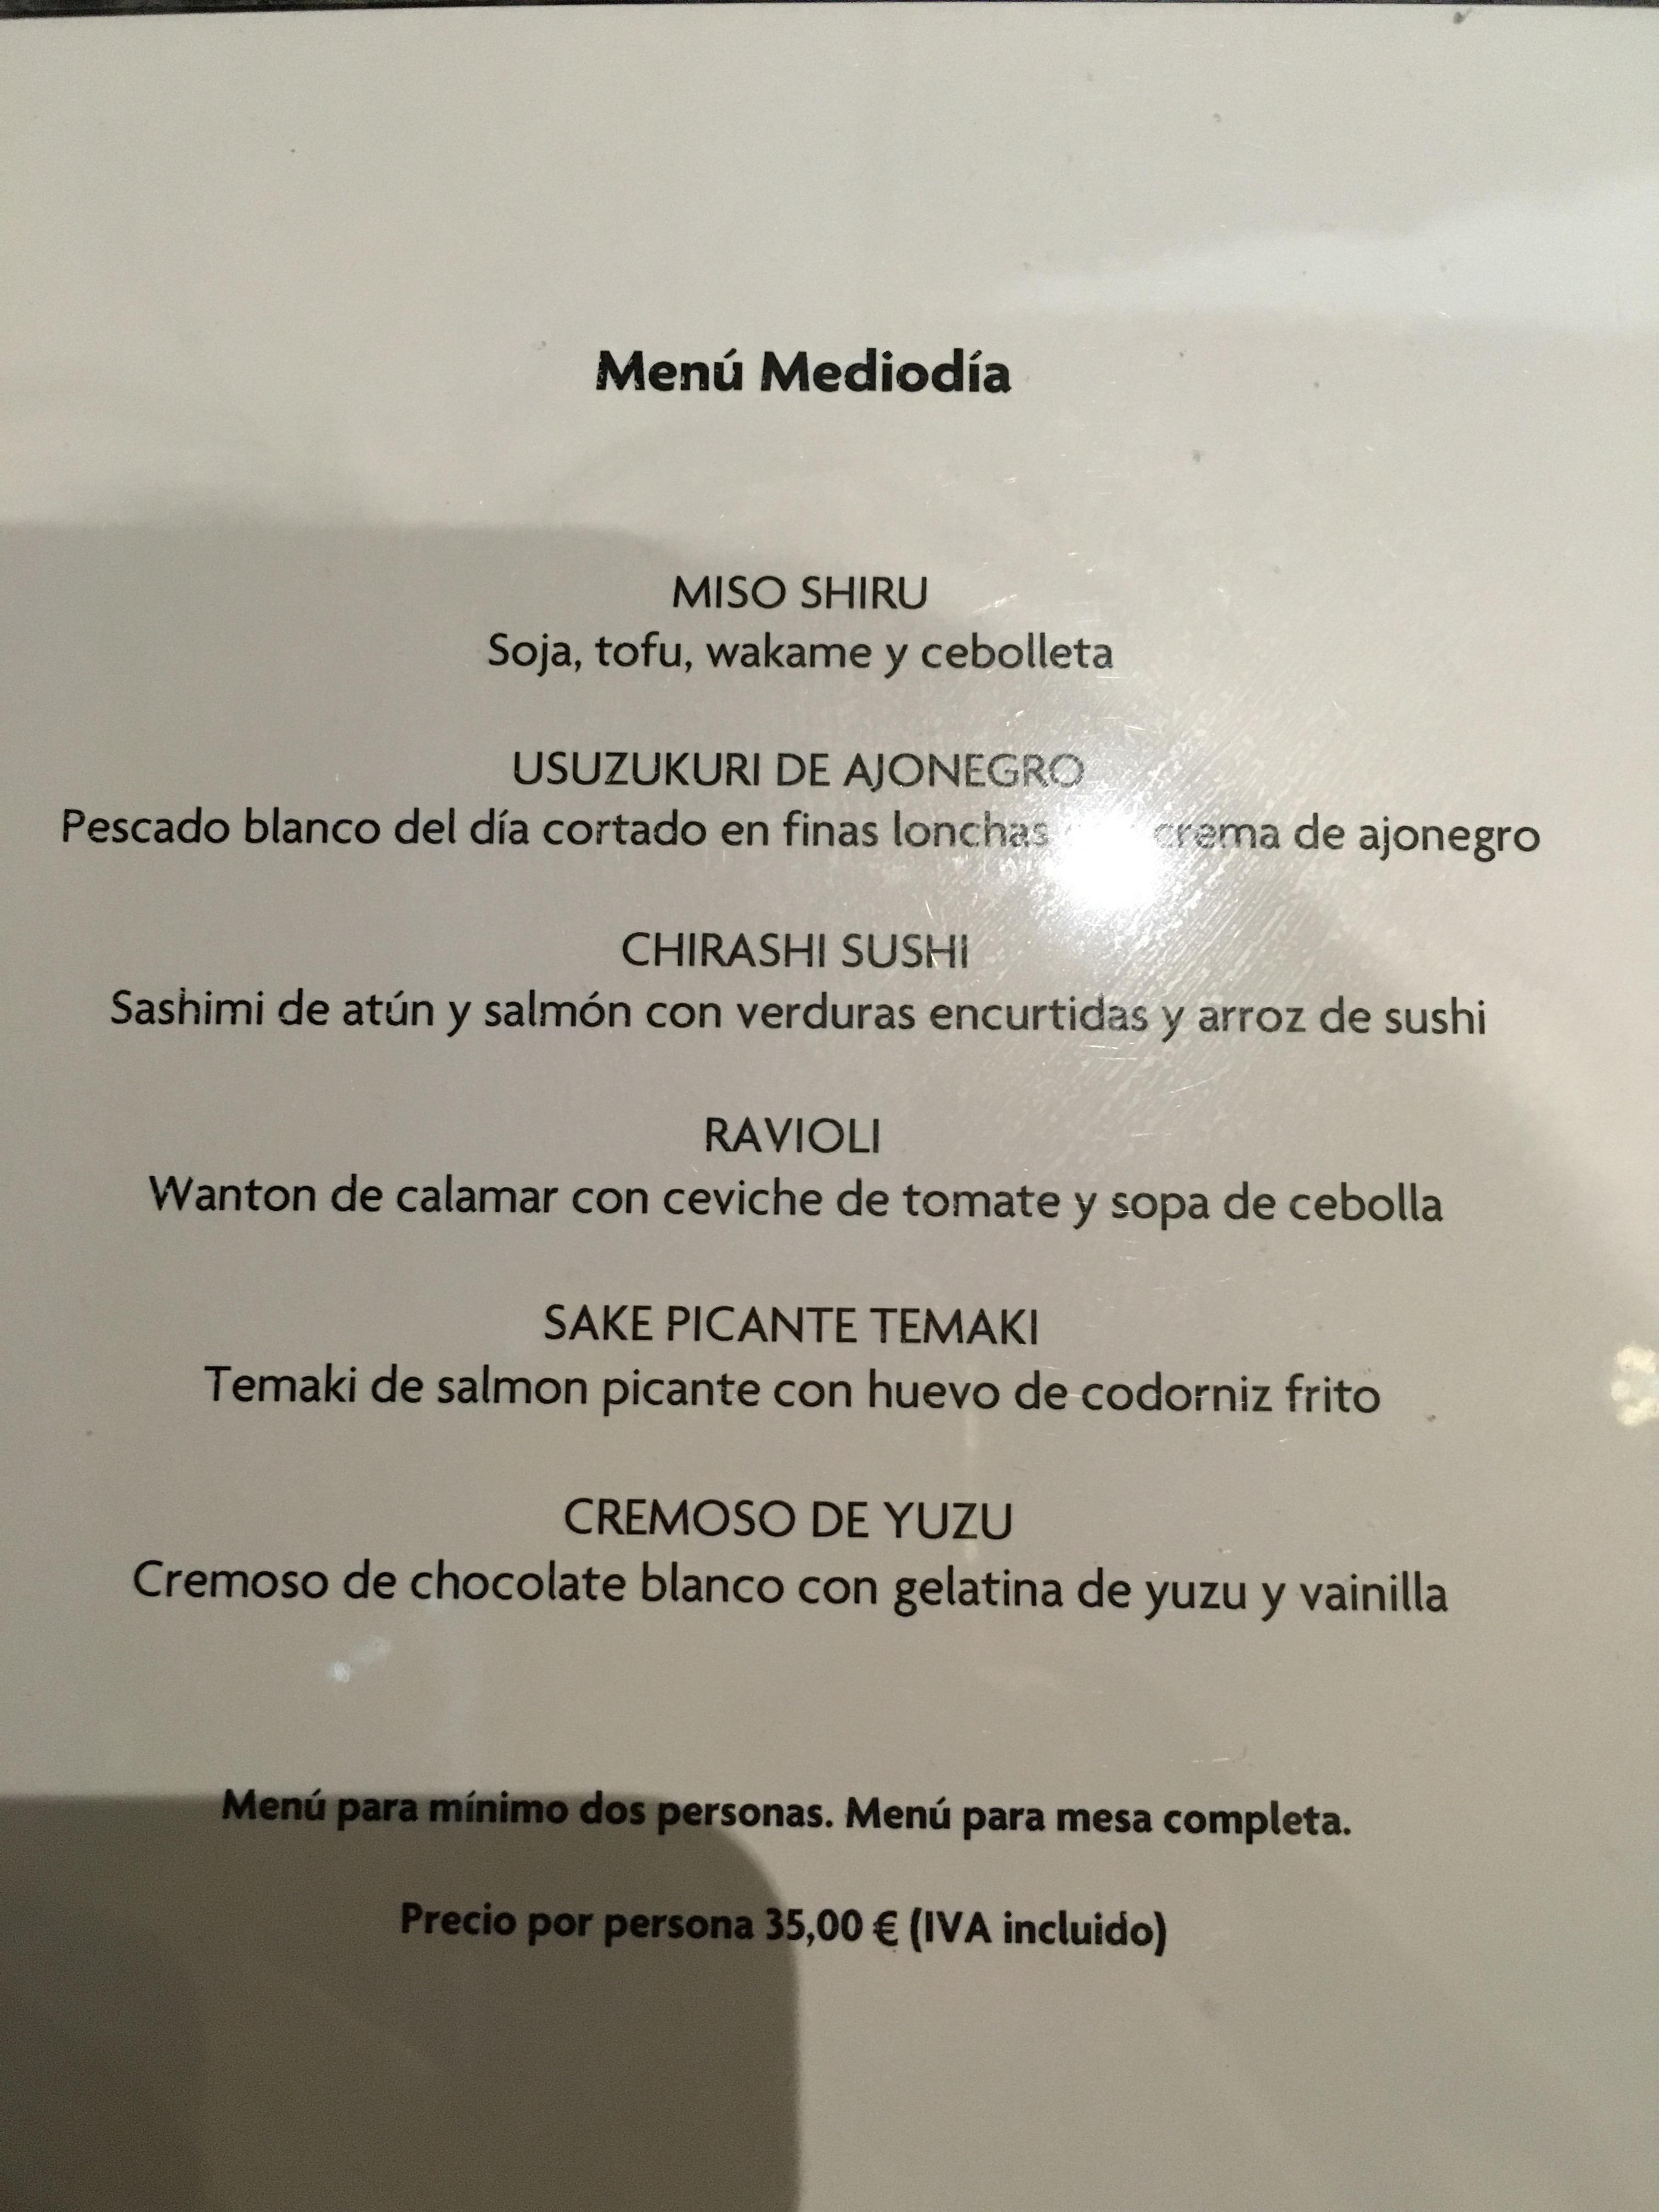 Restaurante Komori Menú del dia